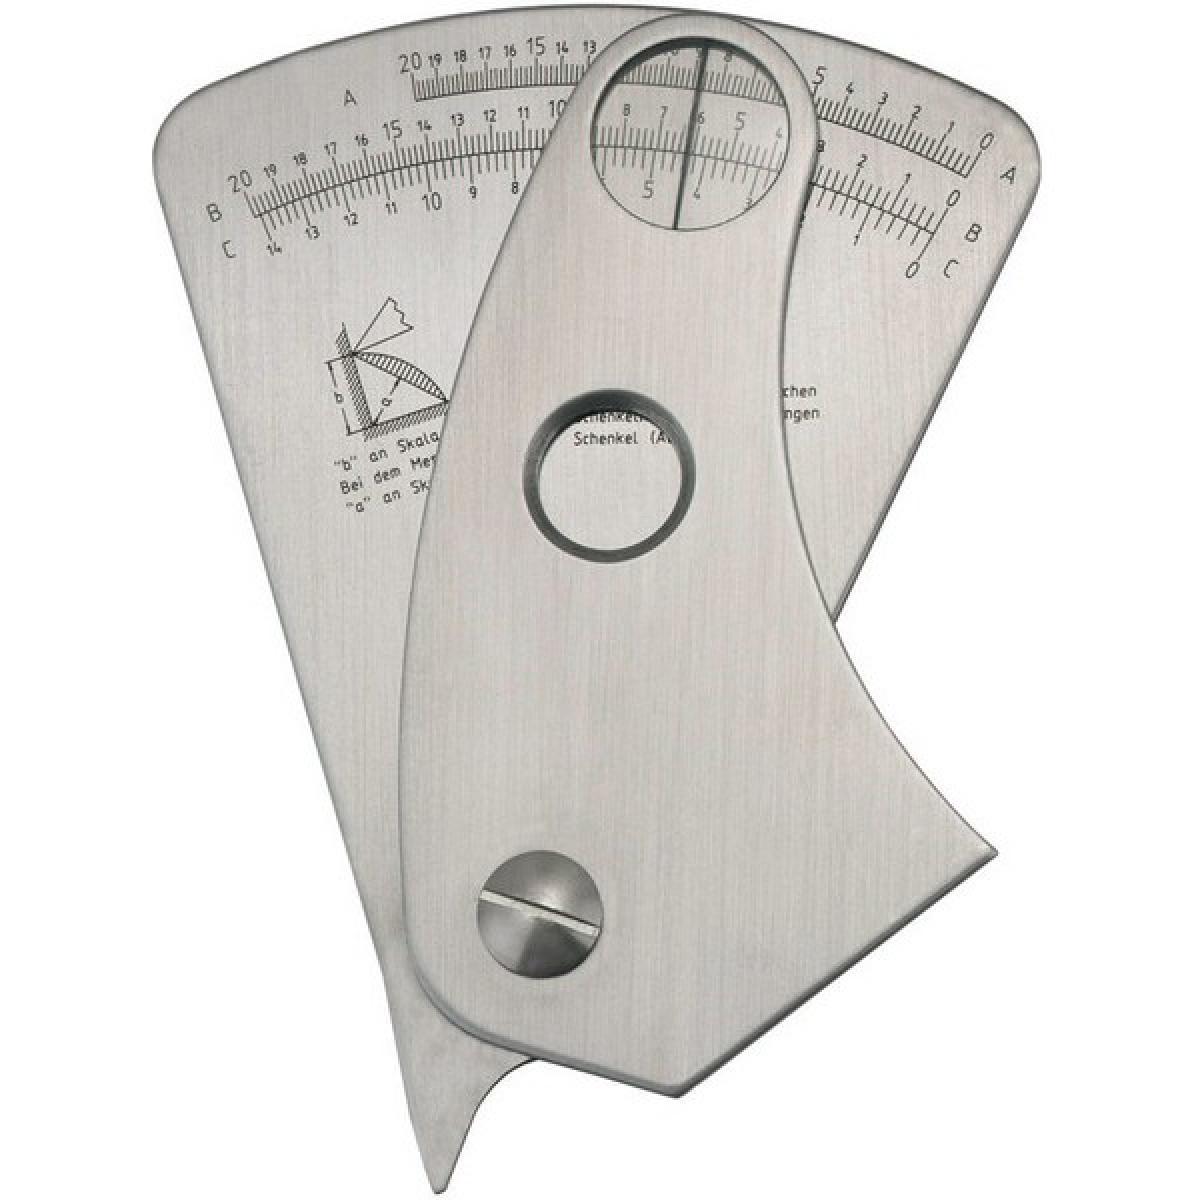 Forum Jauge pour cordon de soudure en acier inoxydable, Précision : 0,1 mm